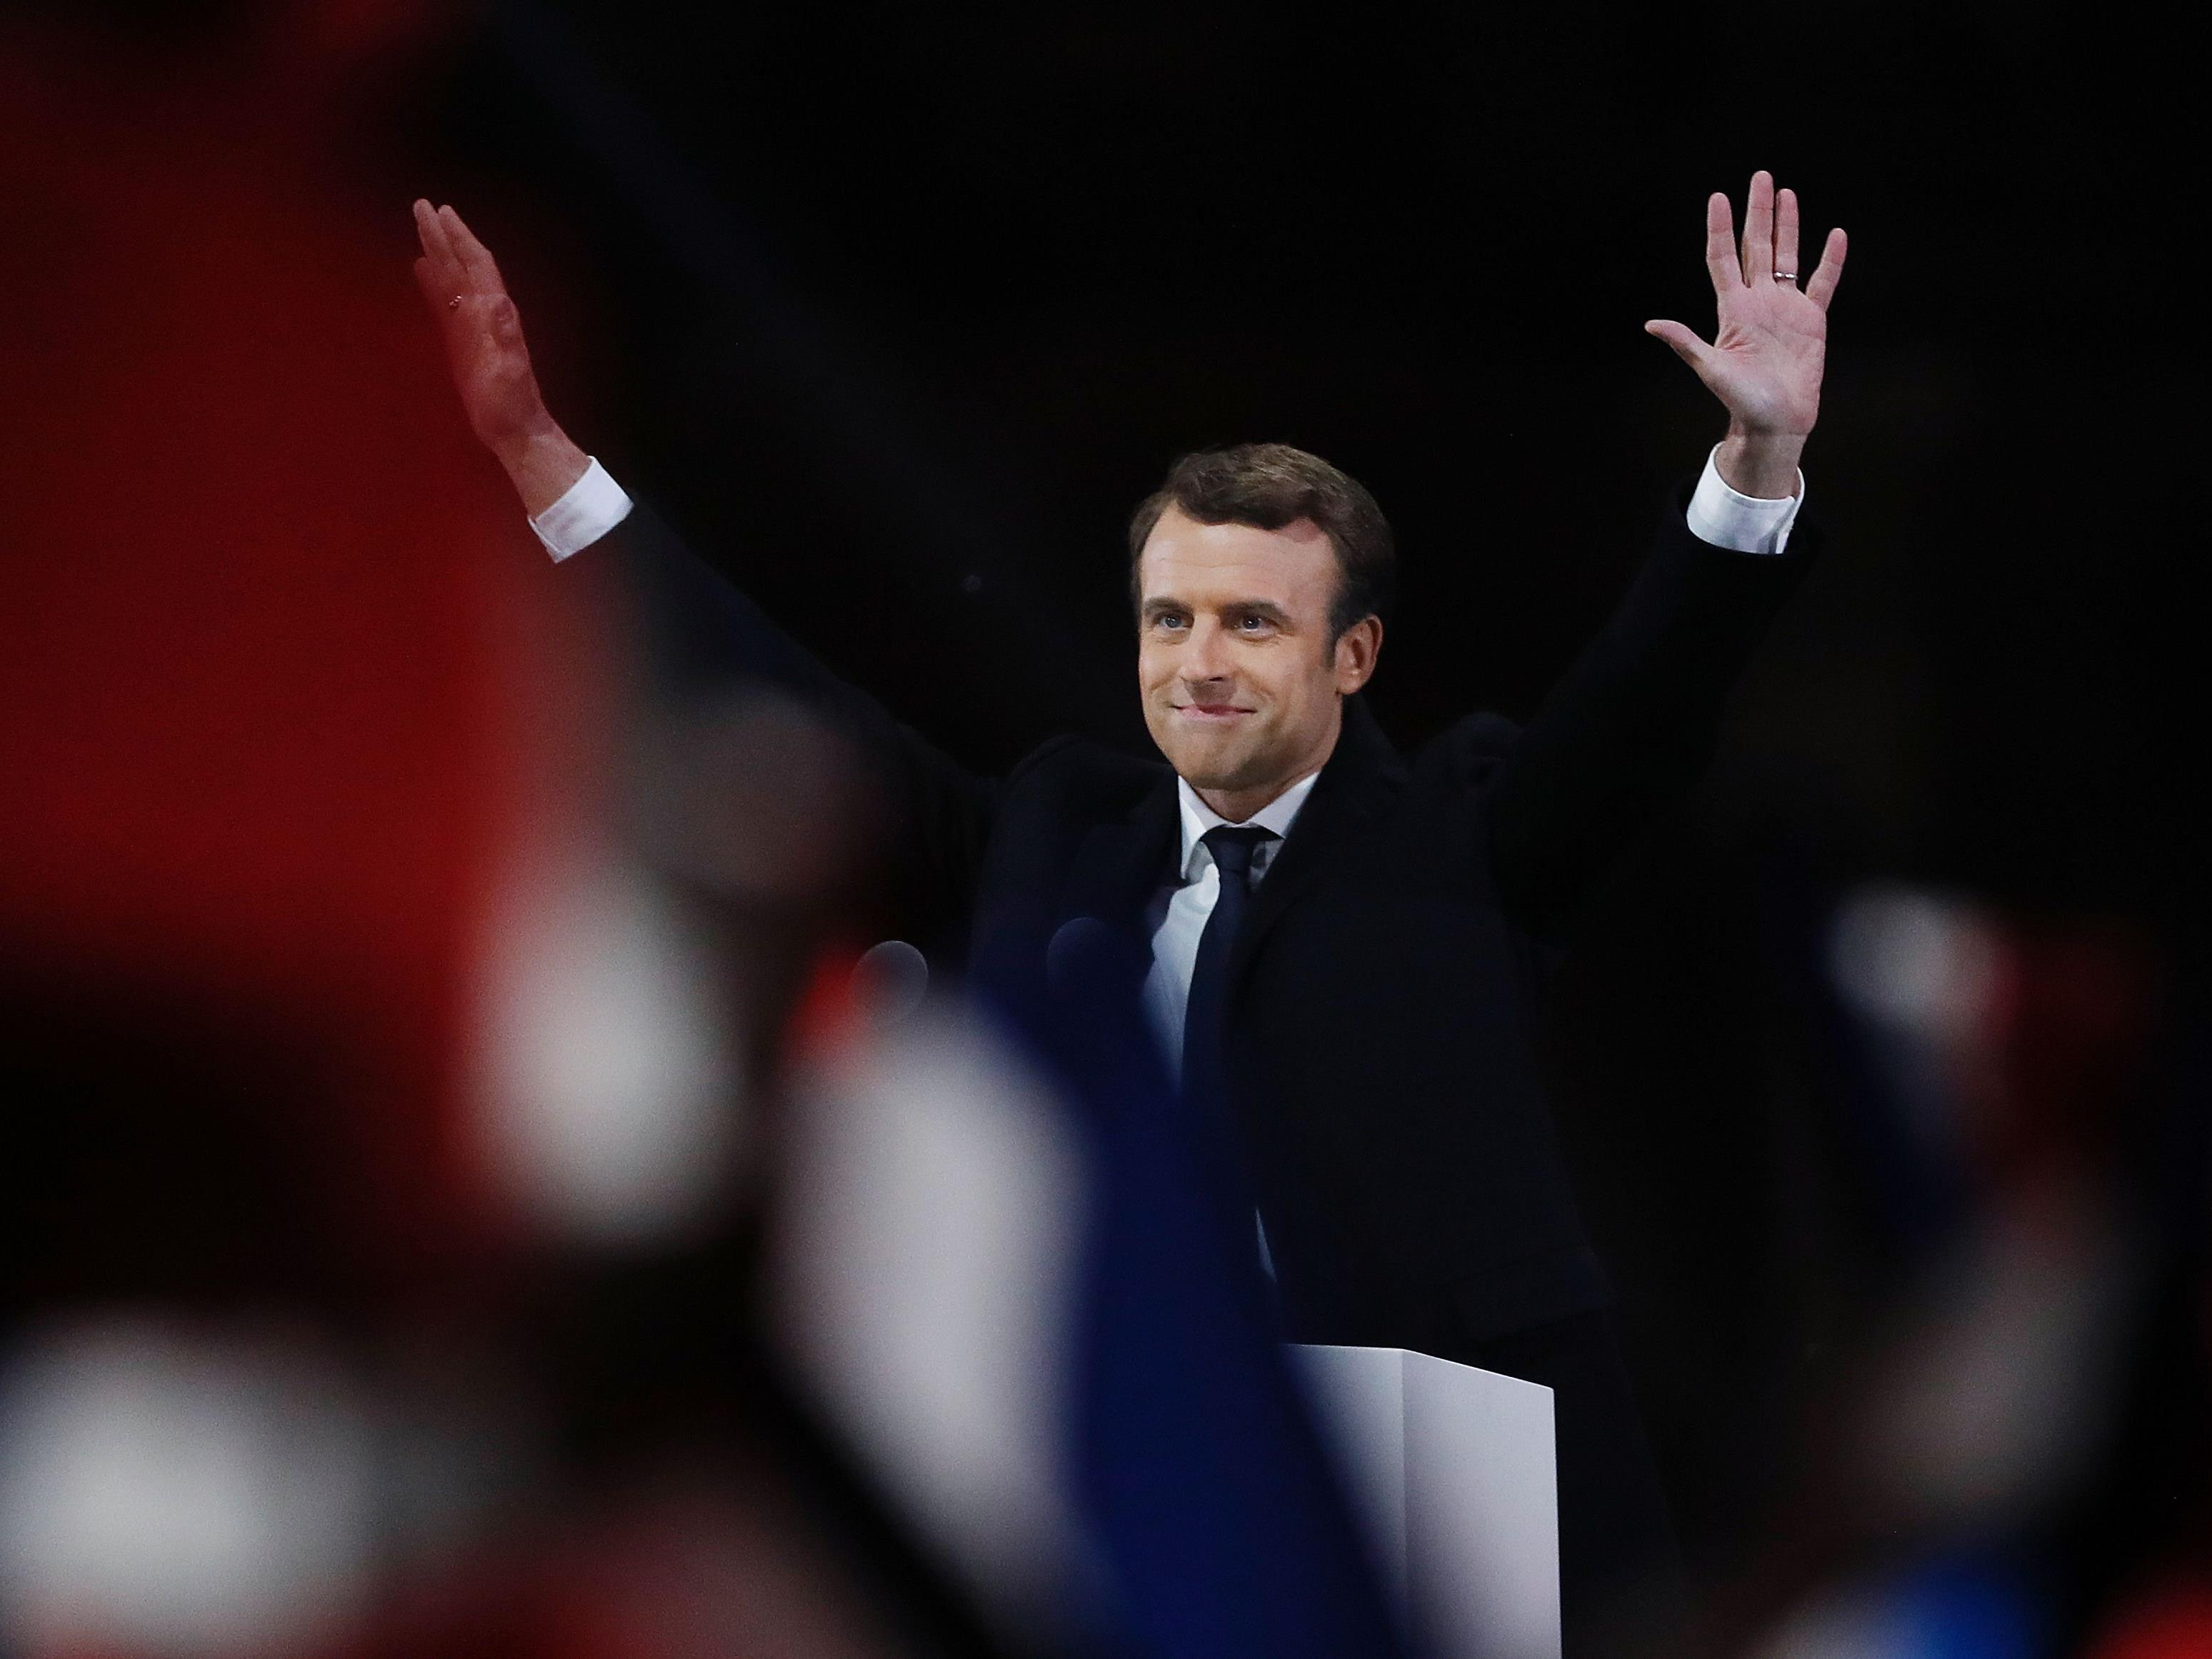 Der neugewählte französische Präsident, Emmanuel Macron, will die Franzosen wieder einen.